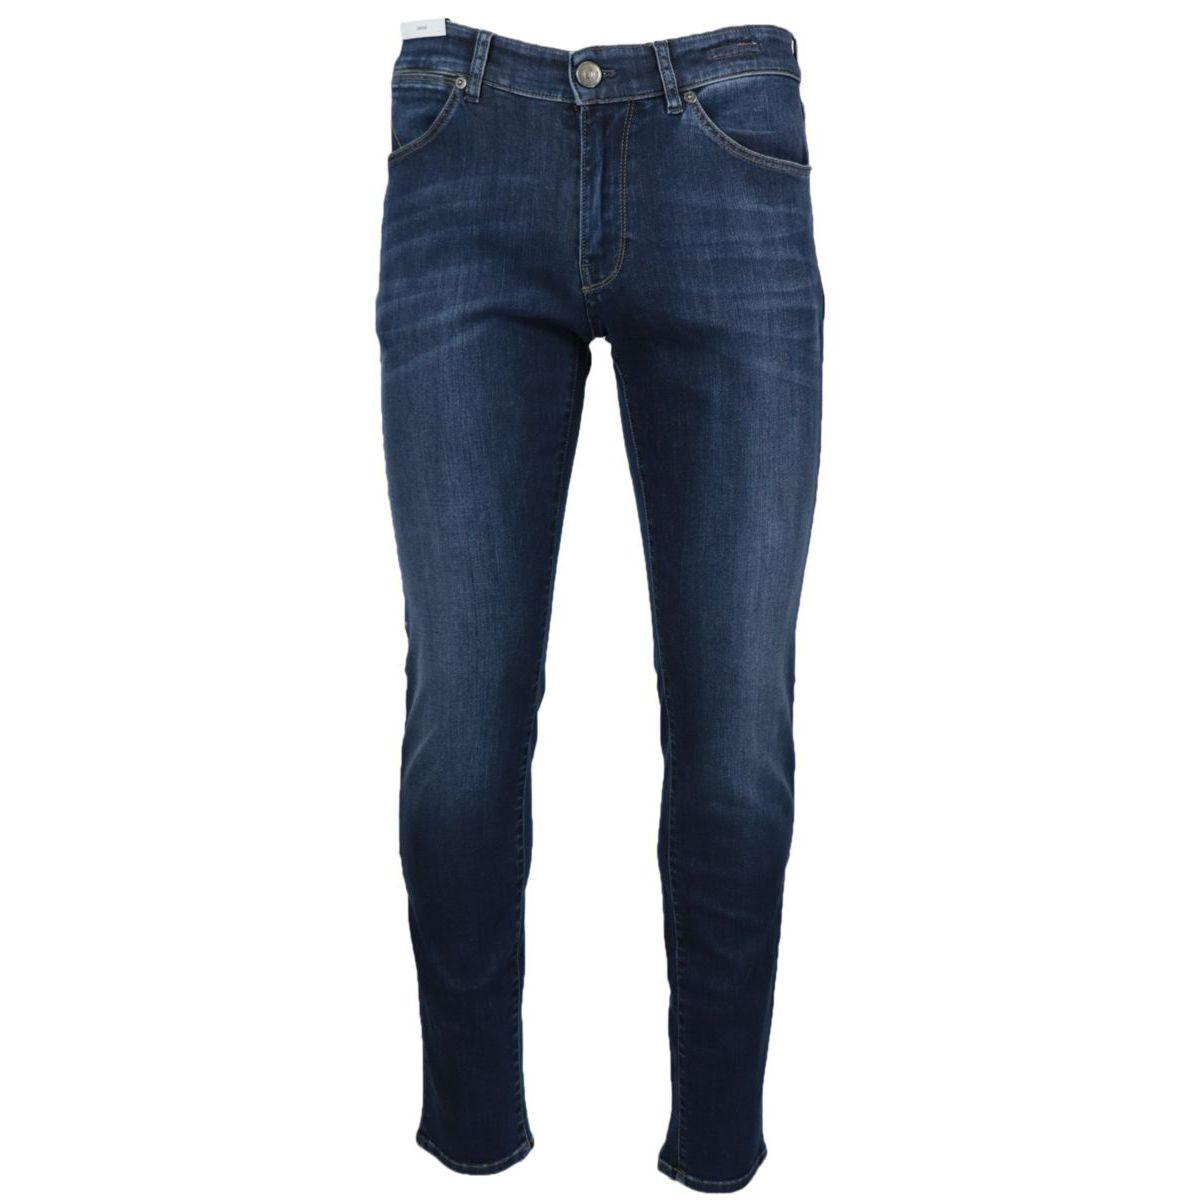 Swing slim jeans in used effect denim 5 pockets Dark denim PT TORINO